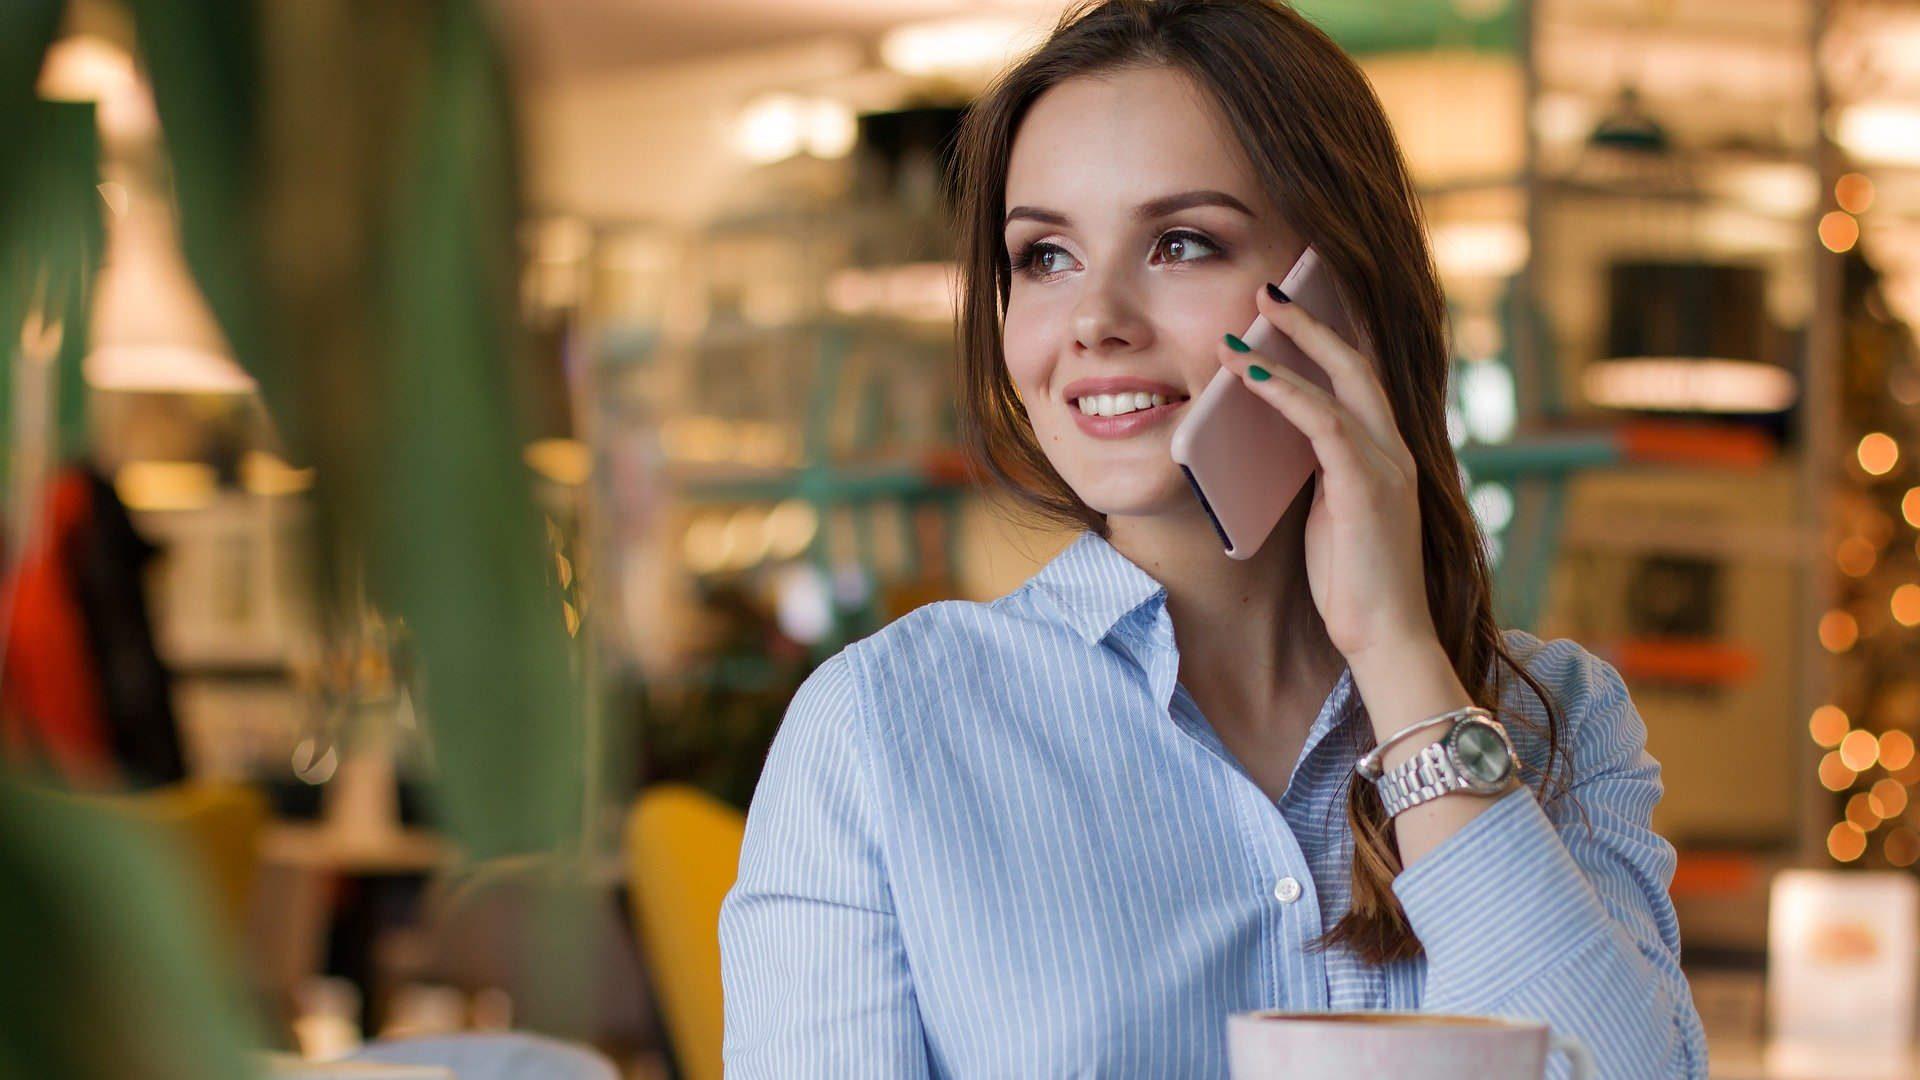 Nasmijana djevojka razgovara mobitelom